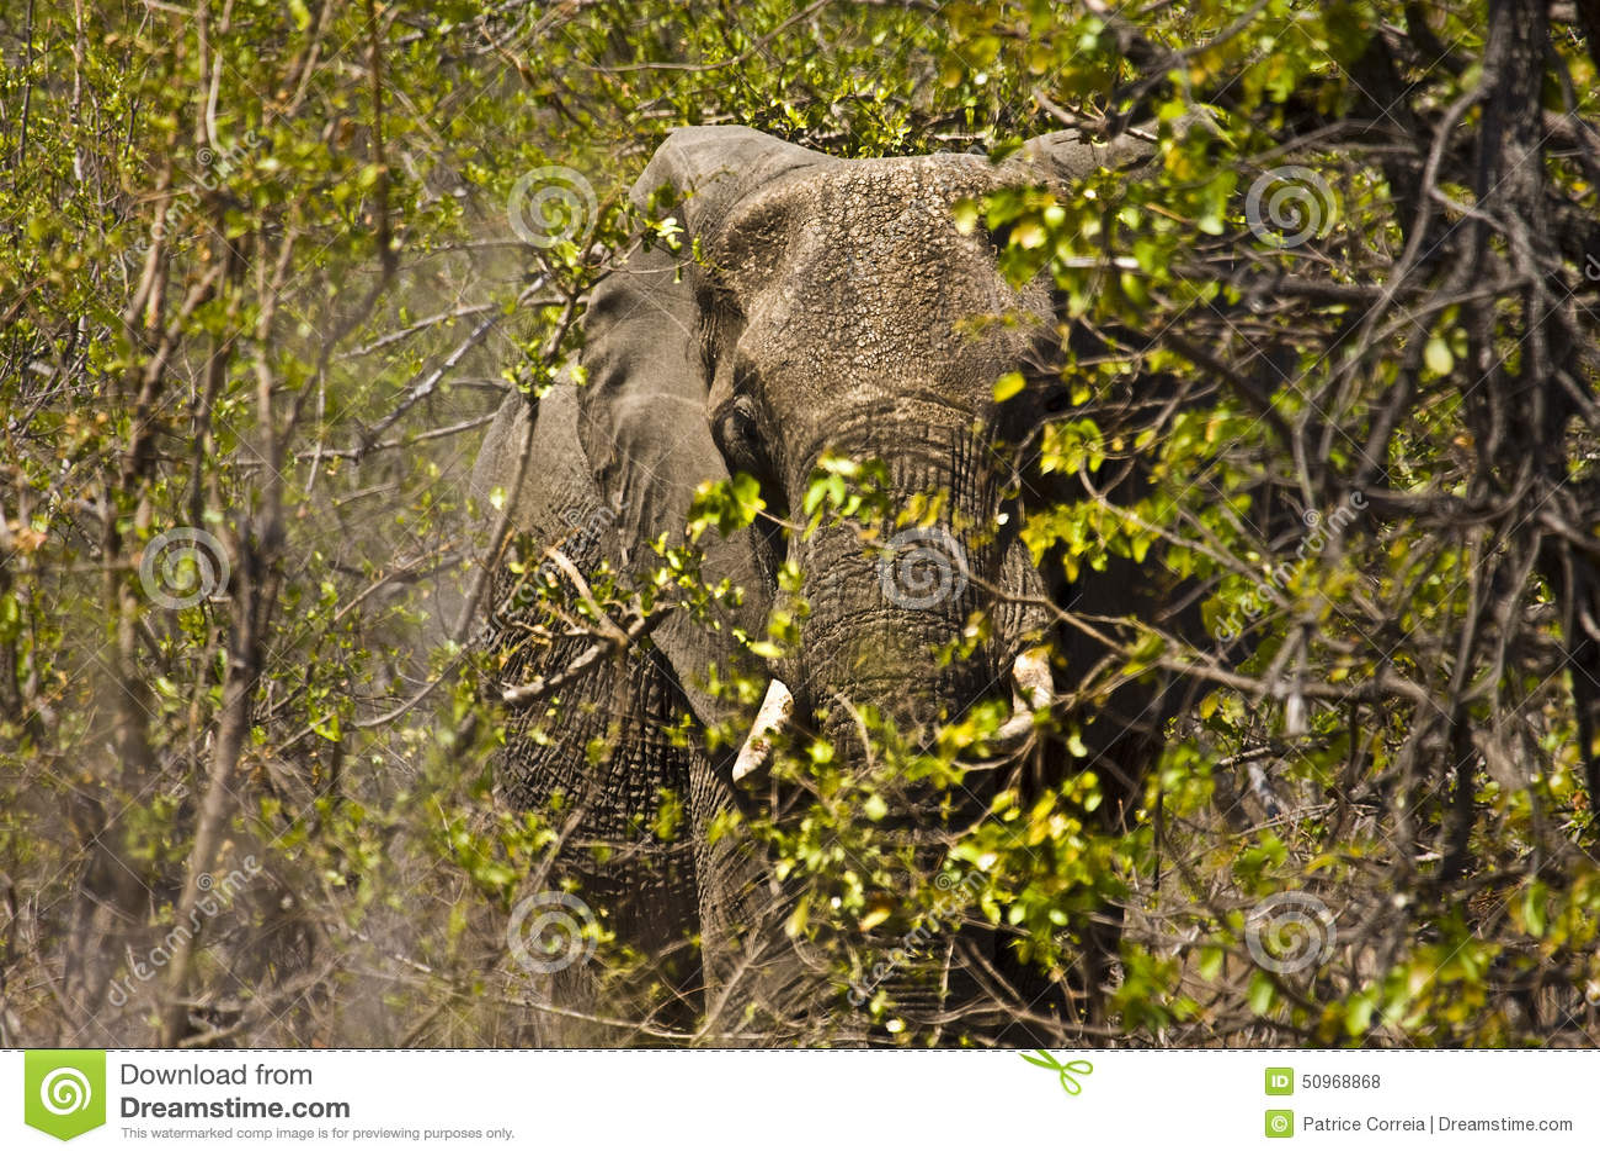 Jättelik afrikansk elefant i busken, Kruger nationalpark, Sydafrika